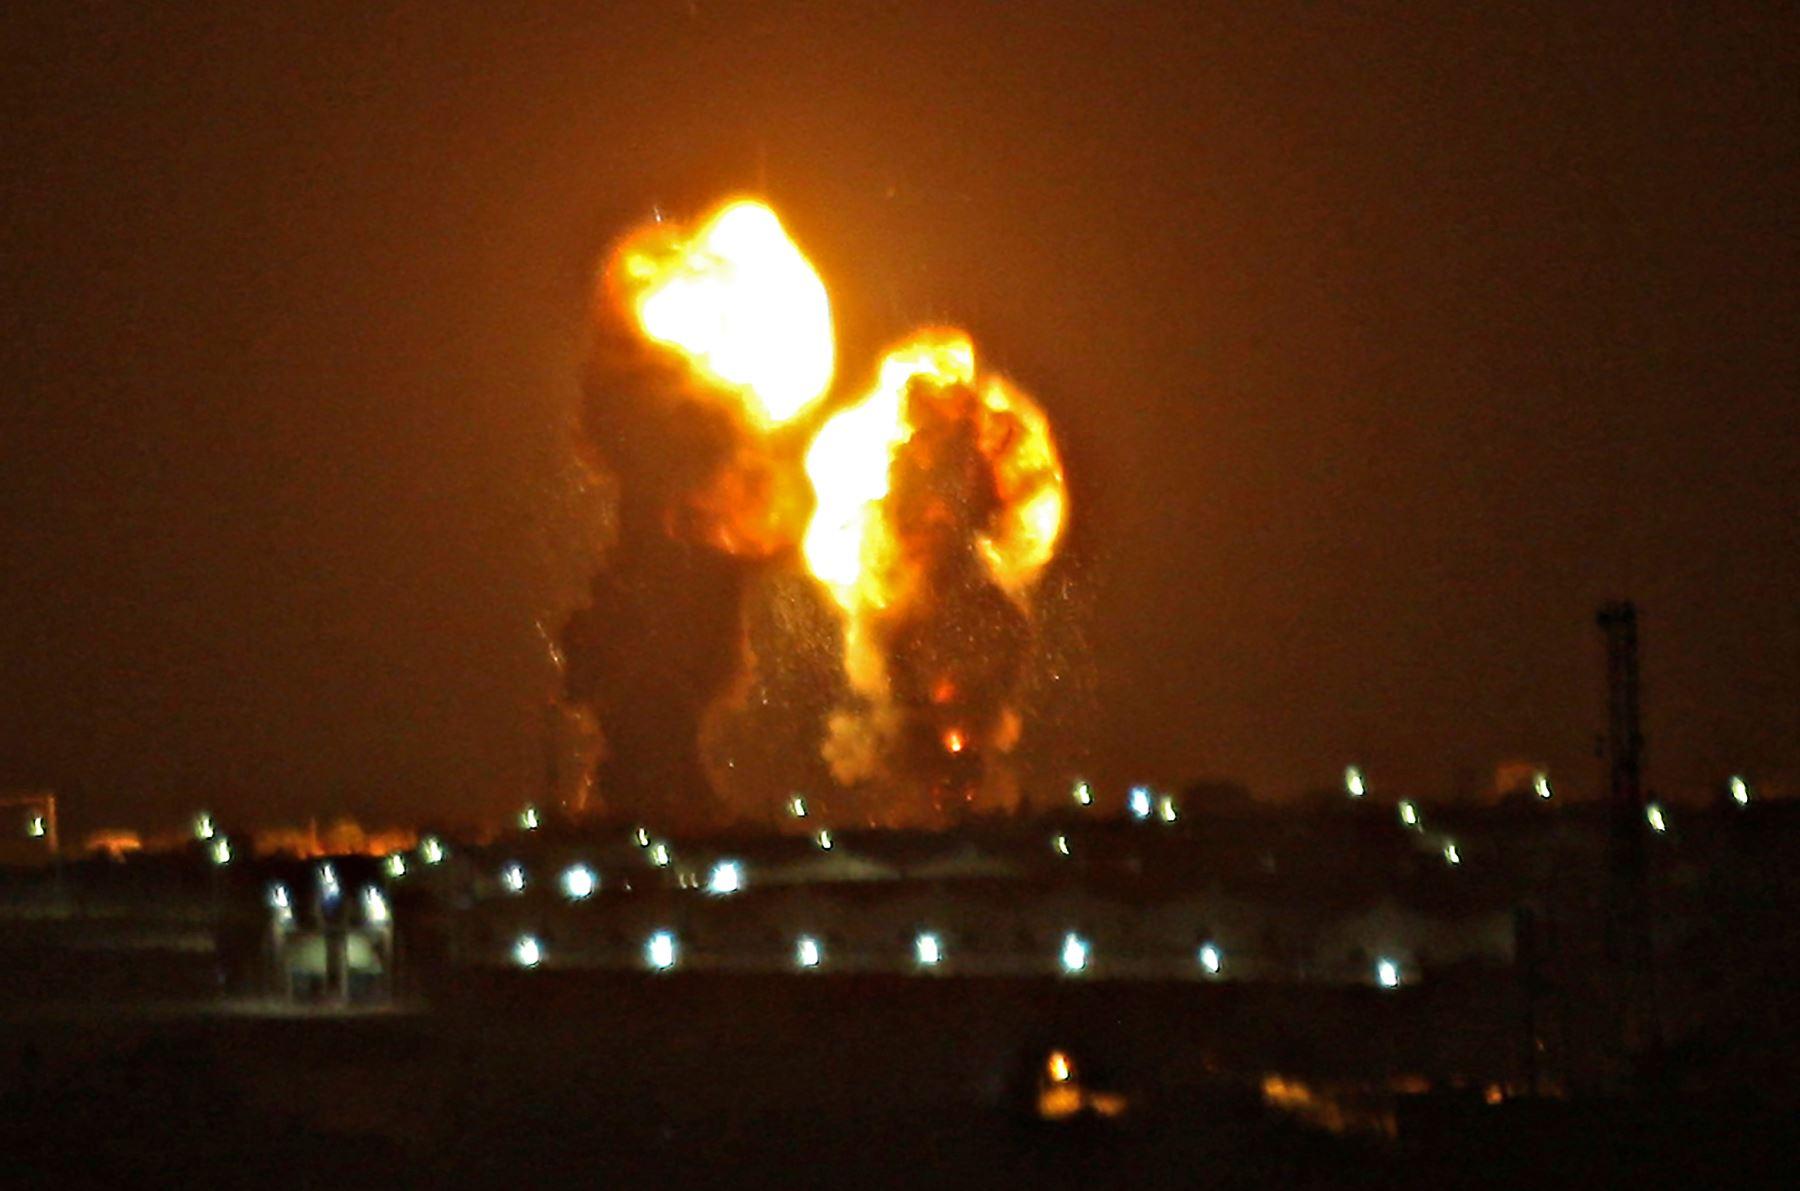 Palestina: Israel bombardea movimiento islamista en franja de Gaza - Agencia Andina